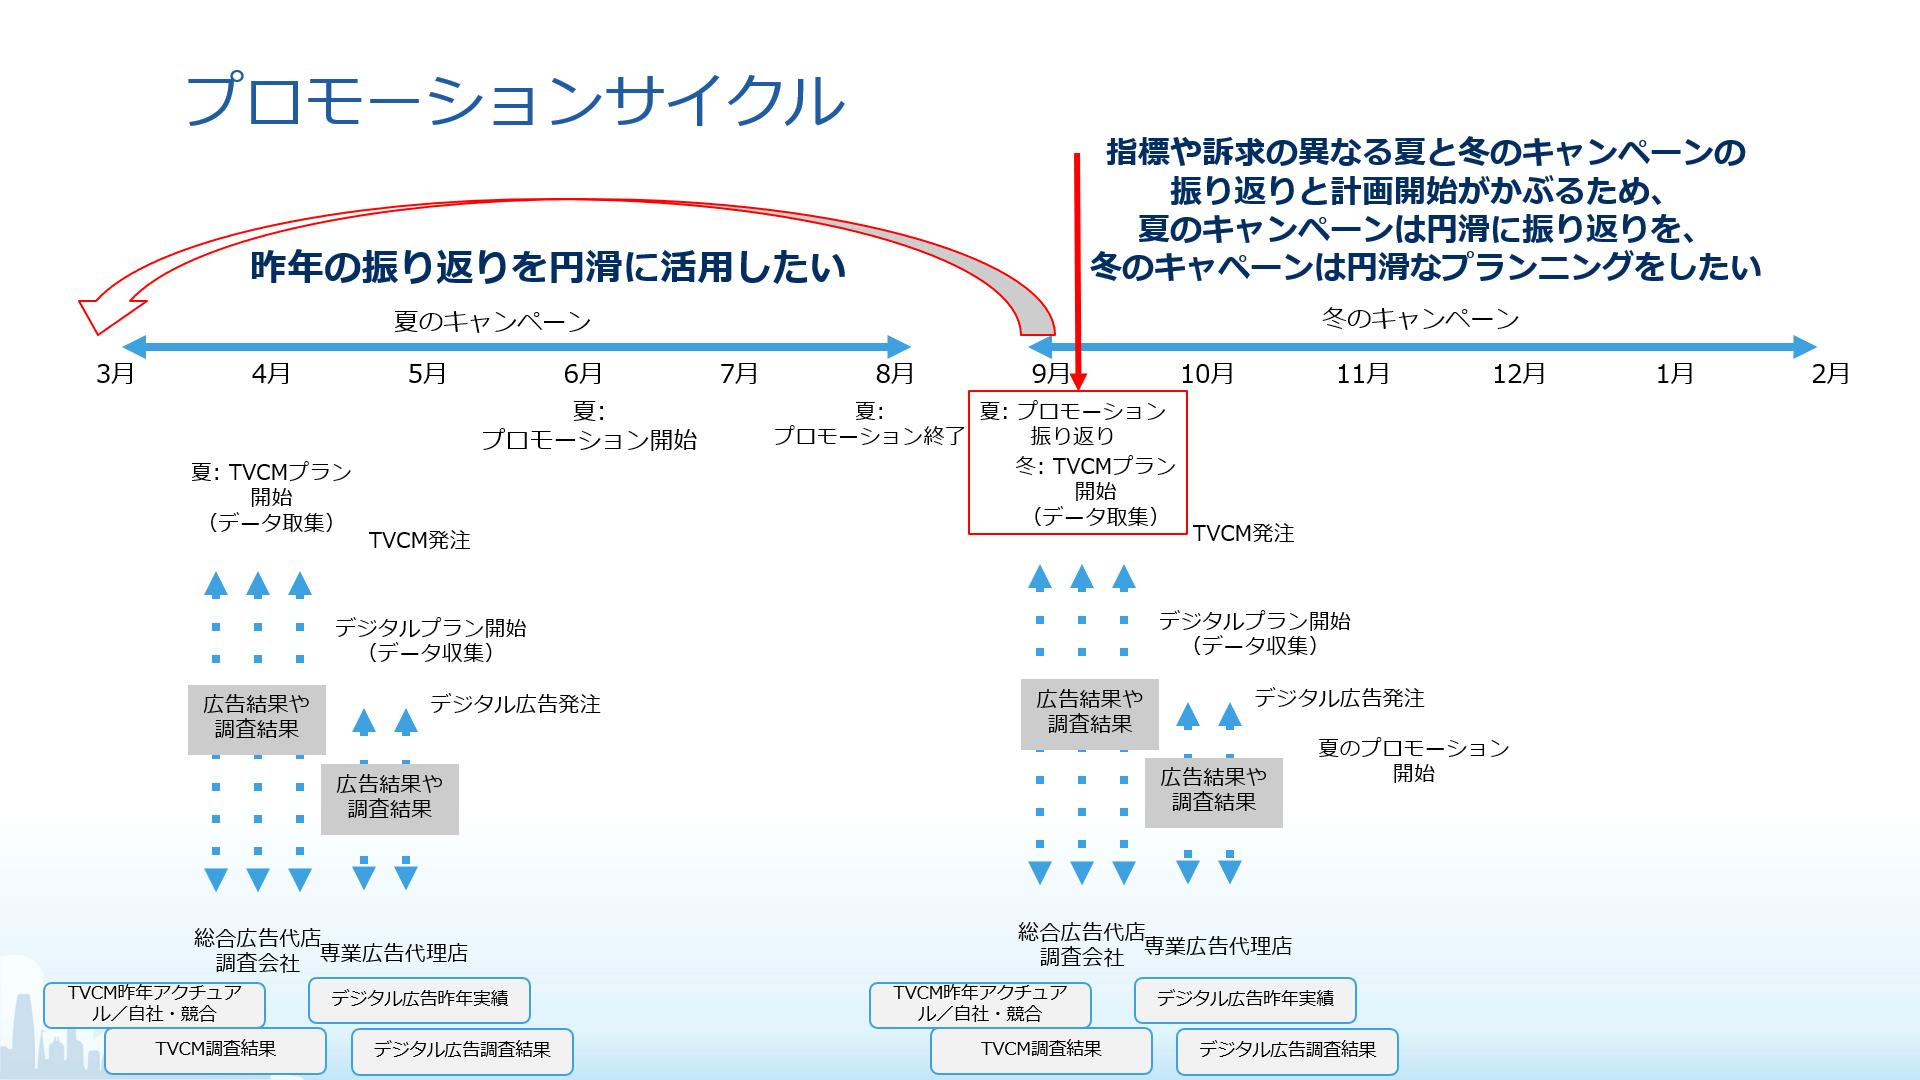 ダイキン工業のプロモーションサイクル(タップで拡大)